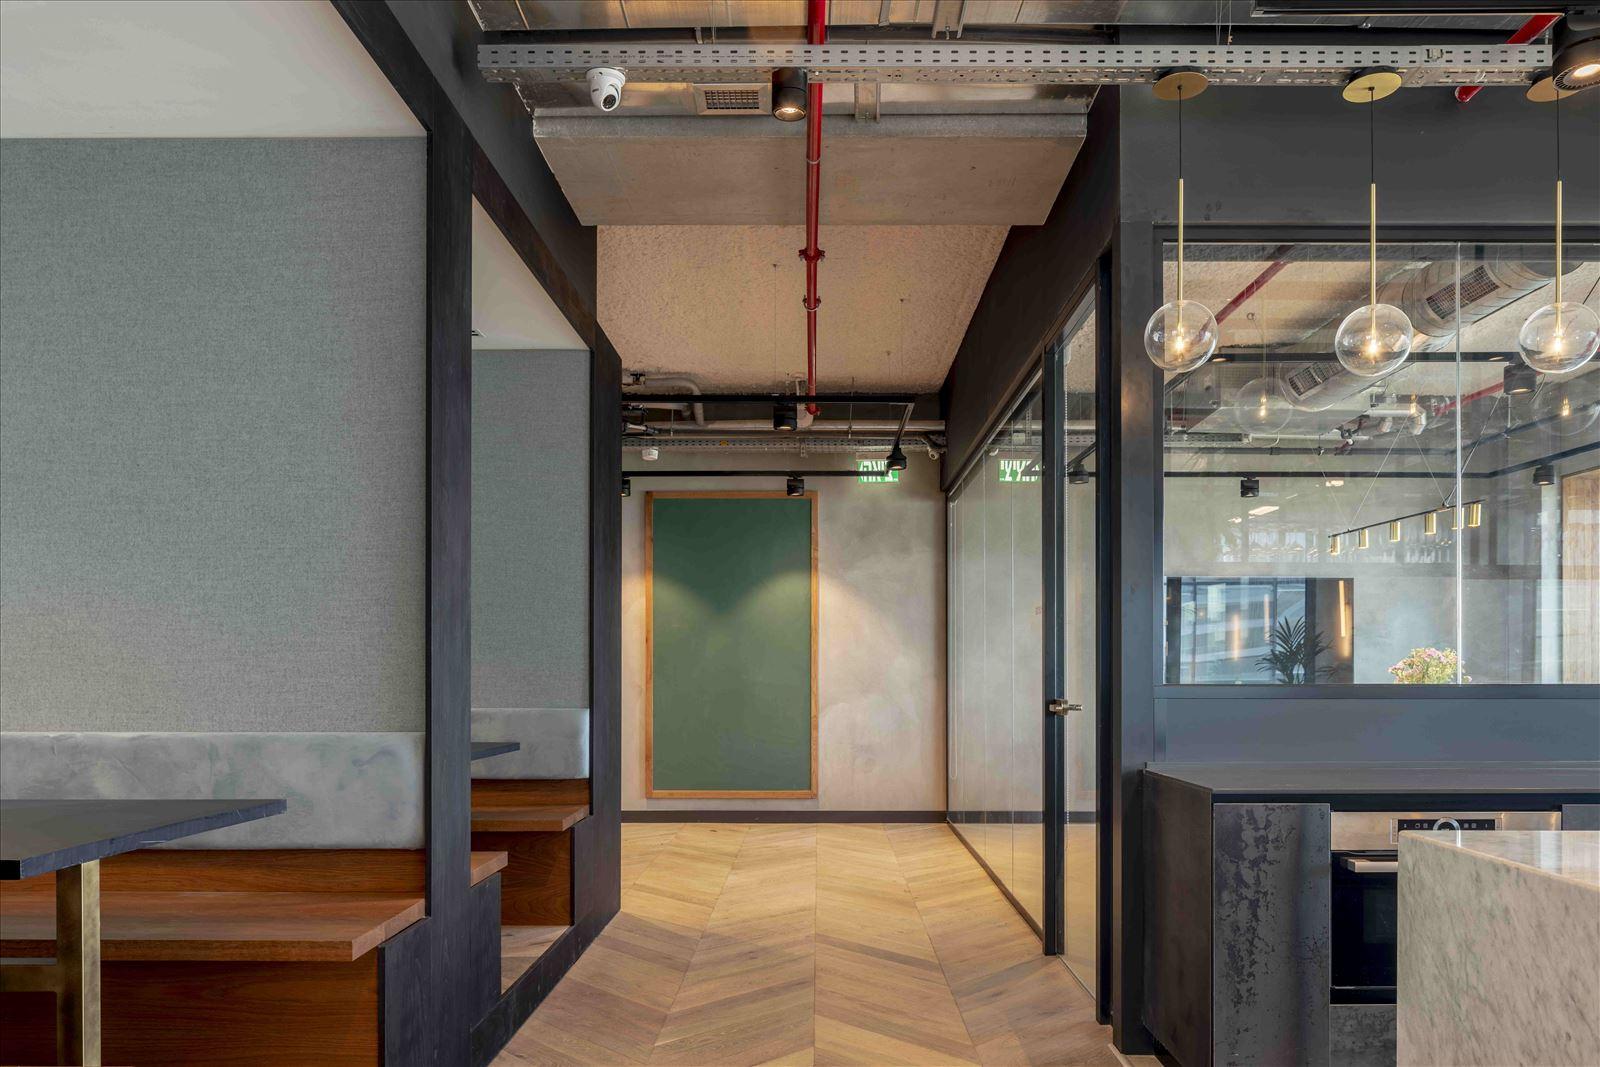 Office project גופי תאורה בתקרה מבית דורי קמחי